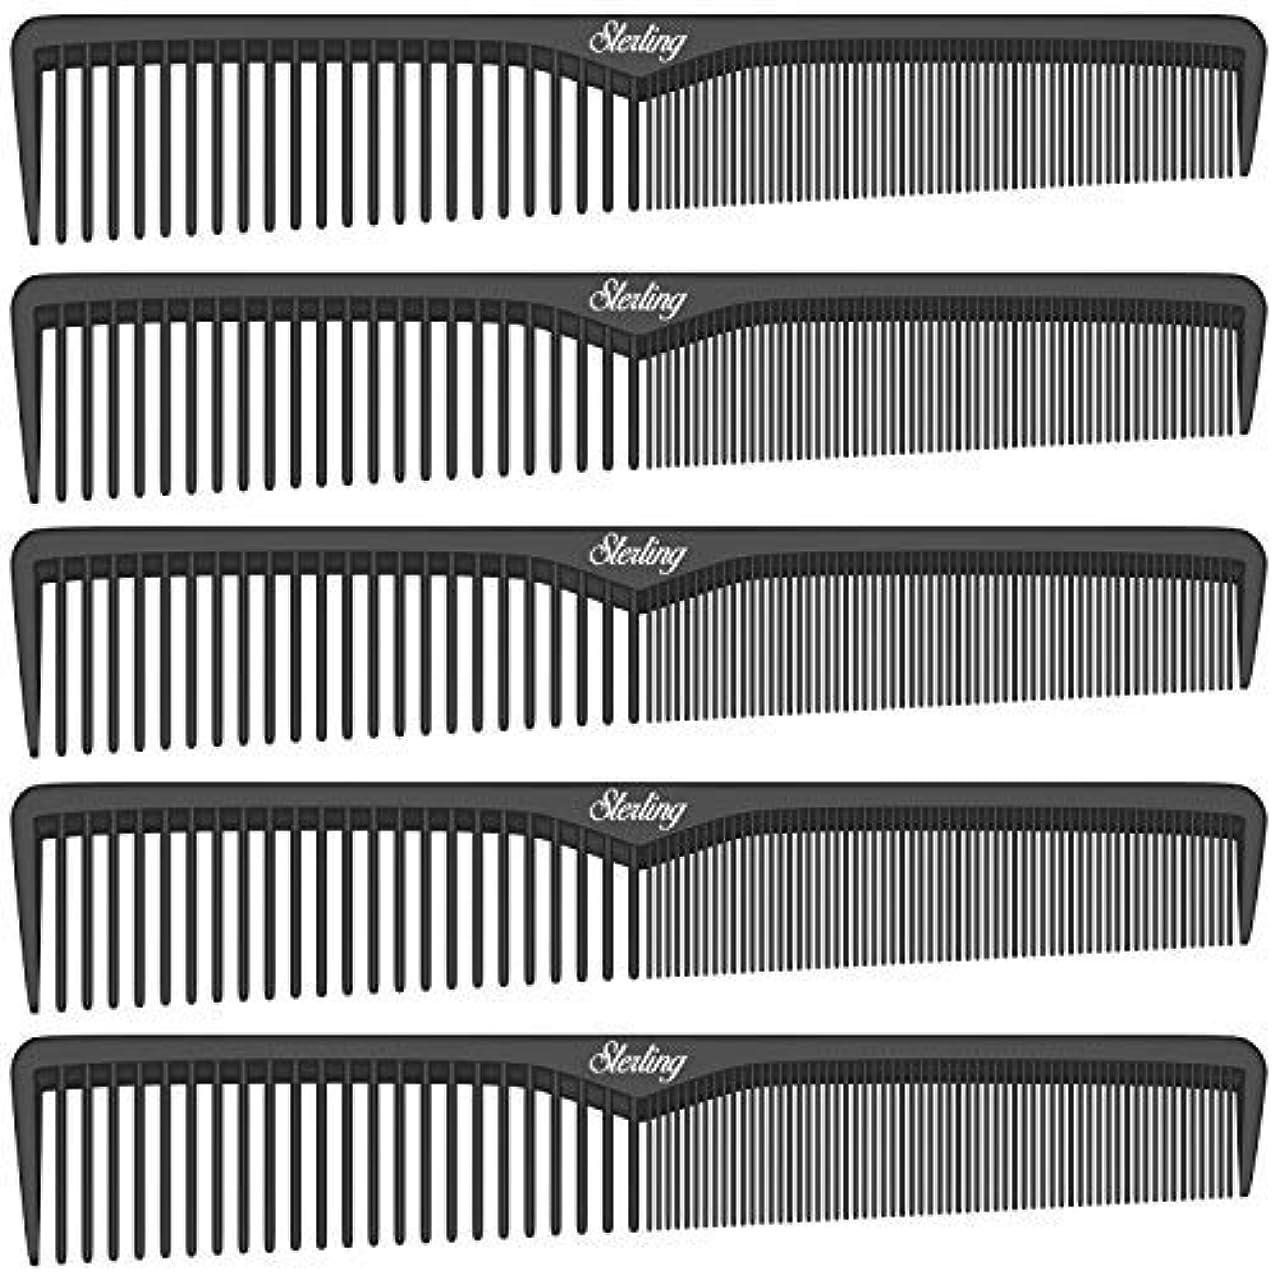 ことわざ甲虫マングルSterling Beauty Tools Styling Combs, Professional 7